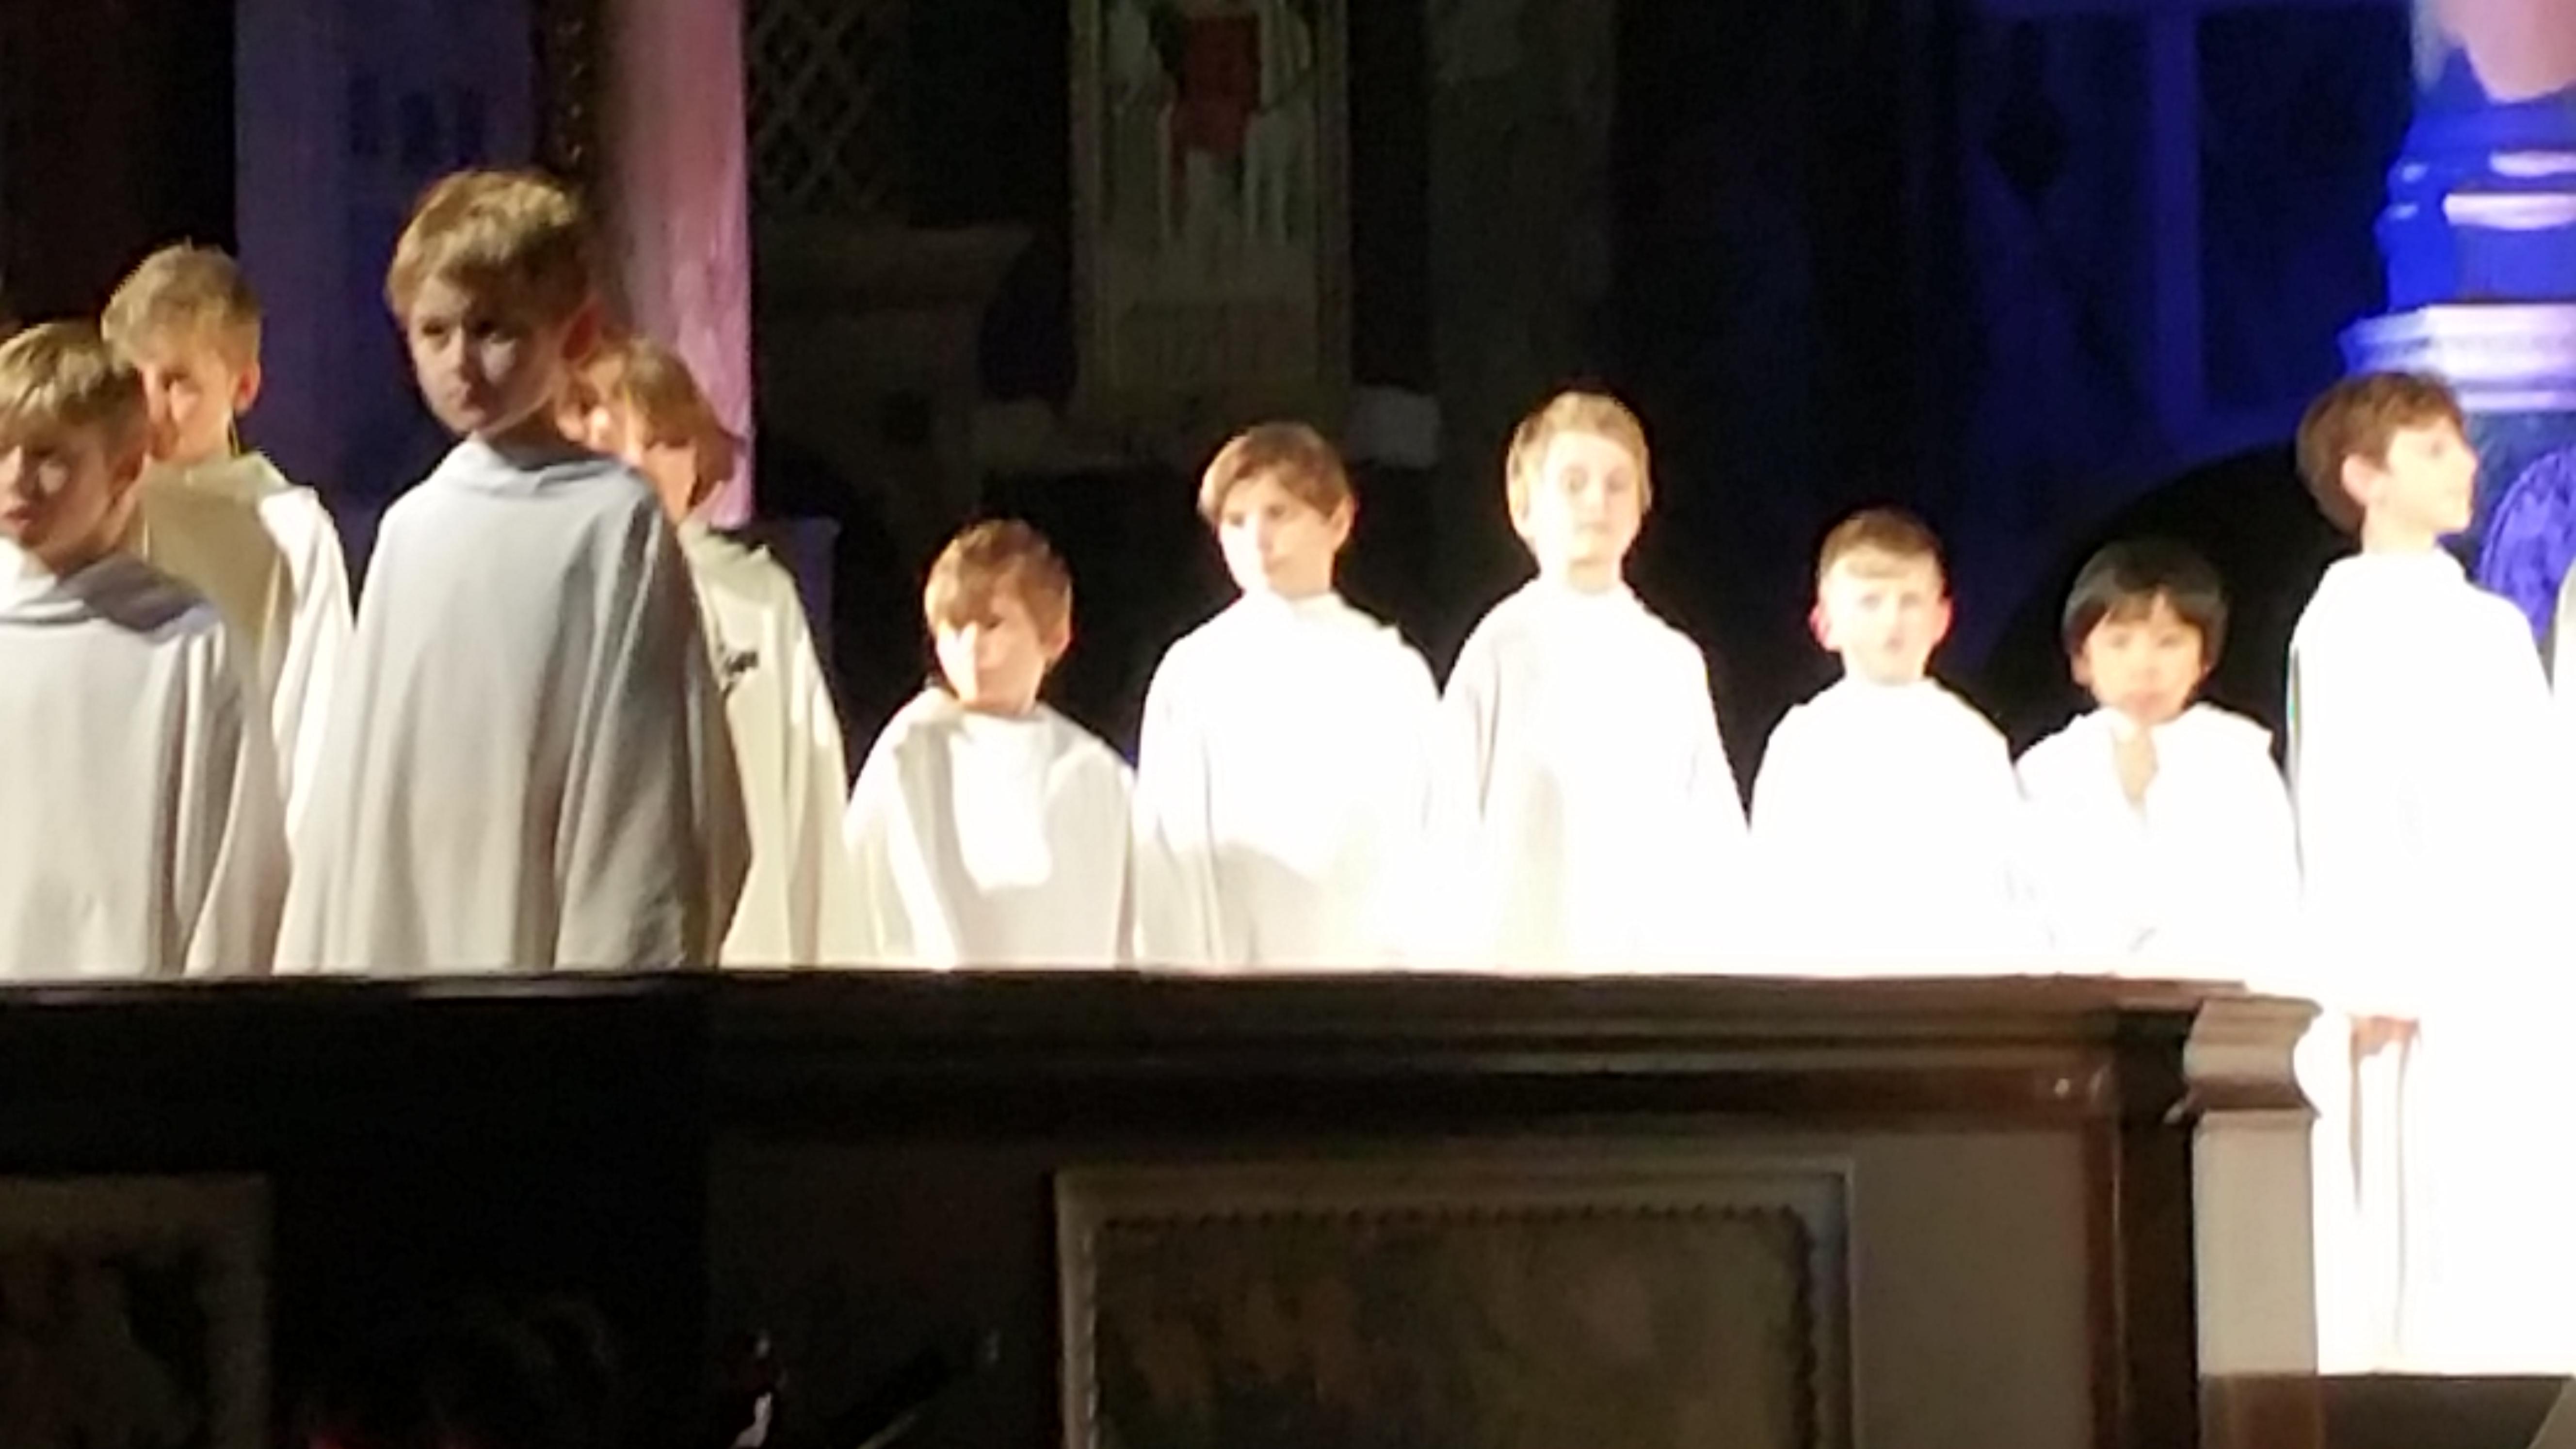 Concert à la cathédrale de Westminster (initialement St George's) le 1er décembre 2017 - Page 3 77691220171201220342